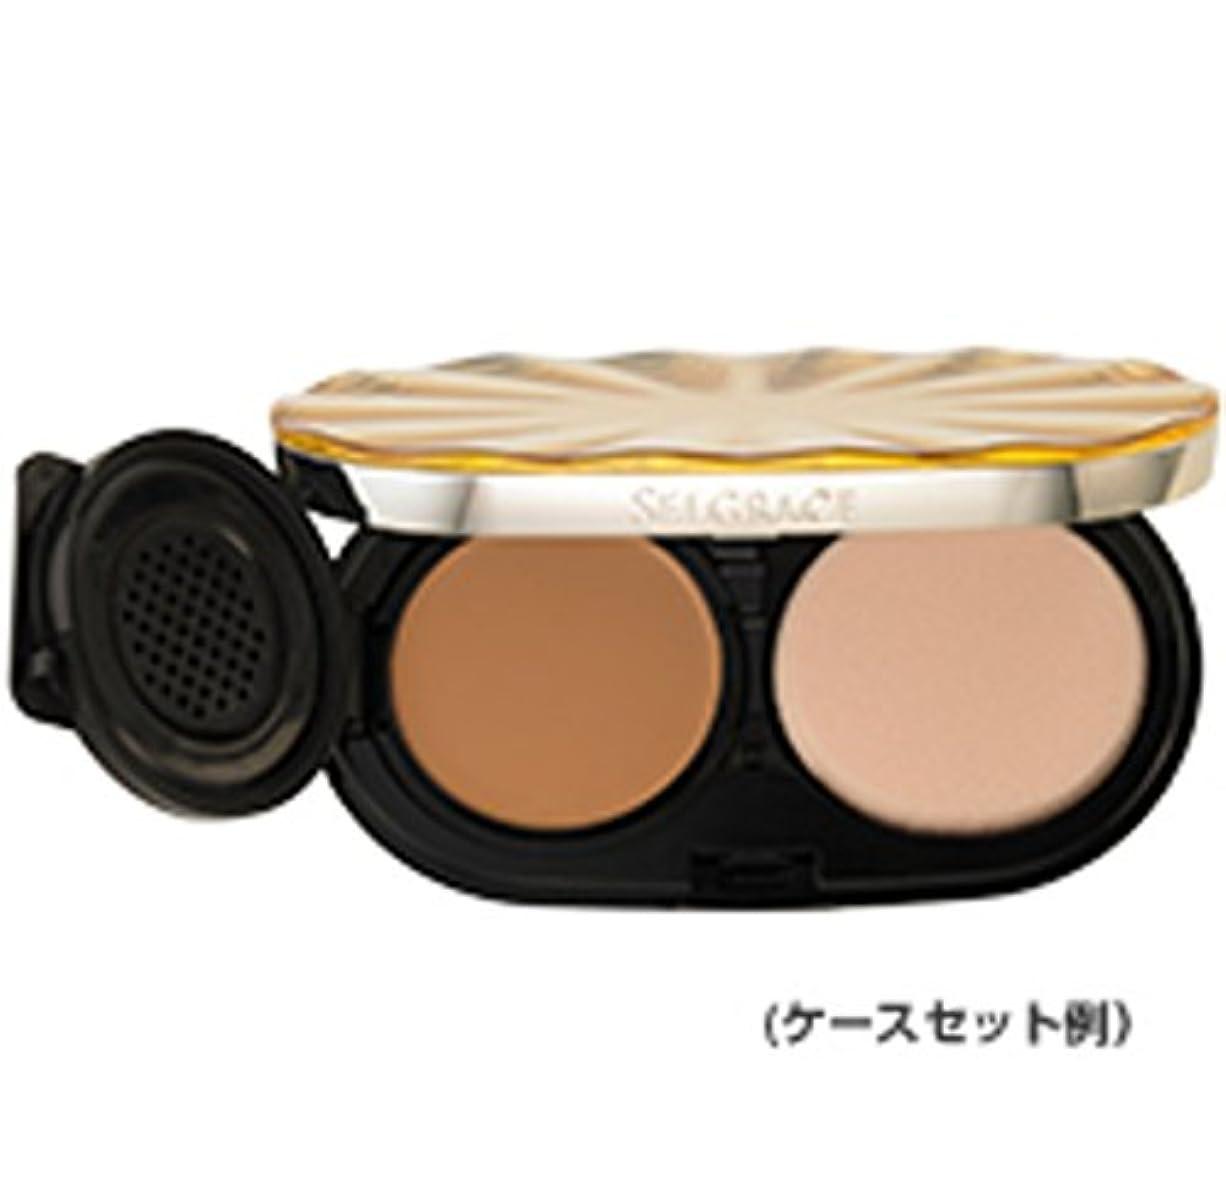 葡萄完璧神社ナリス化粧品 セルグレース ベースインパクト ファンデーション 130 ライトピンクベージュ レフィル (スポンジ付き)